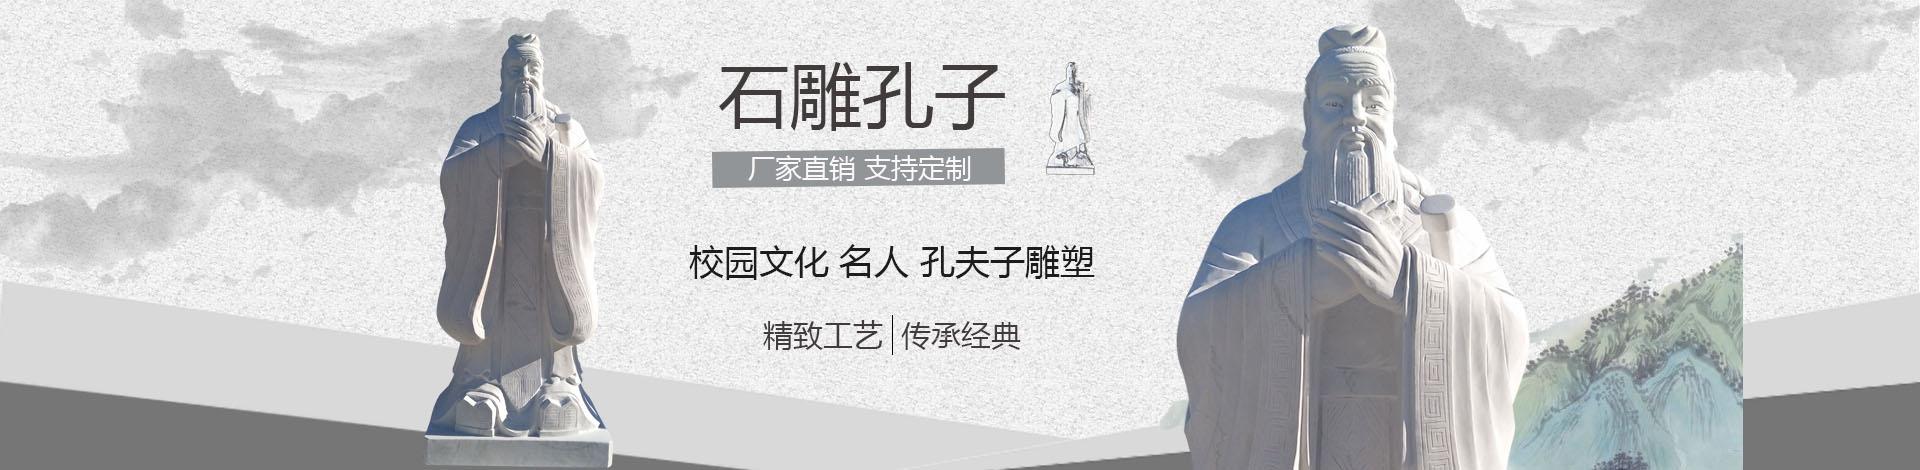 曲阳县英翰园林雕塑有限公司